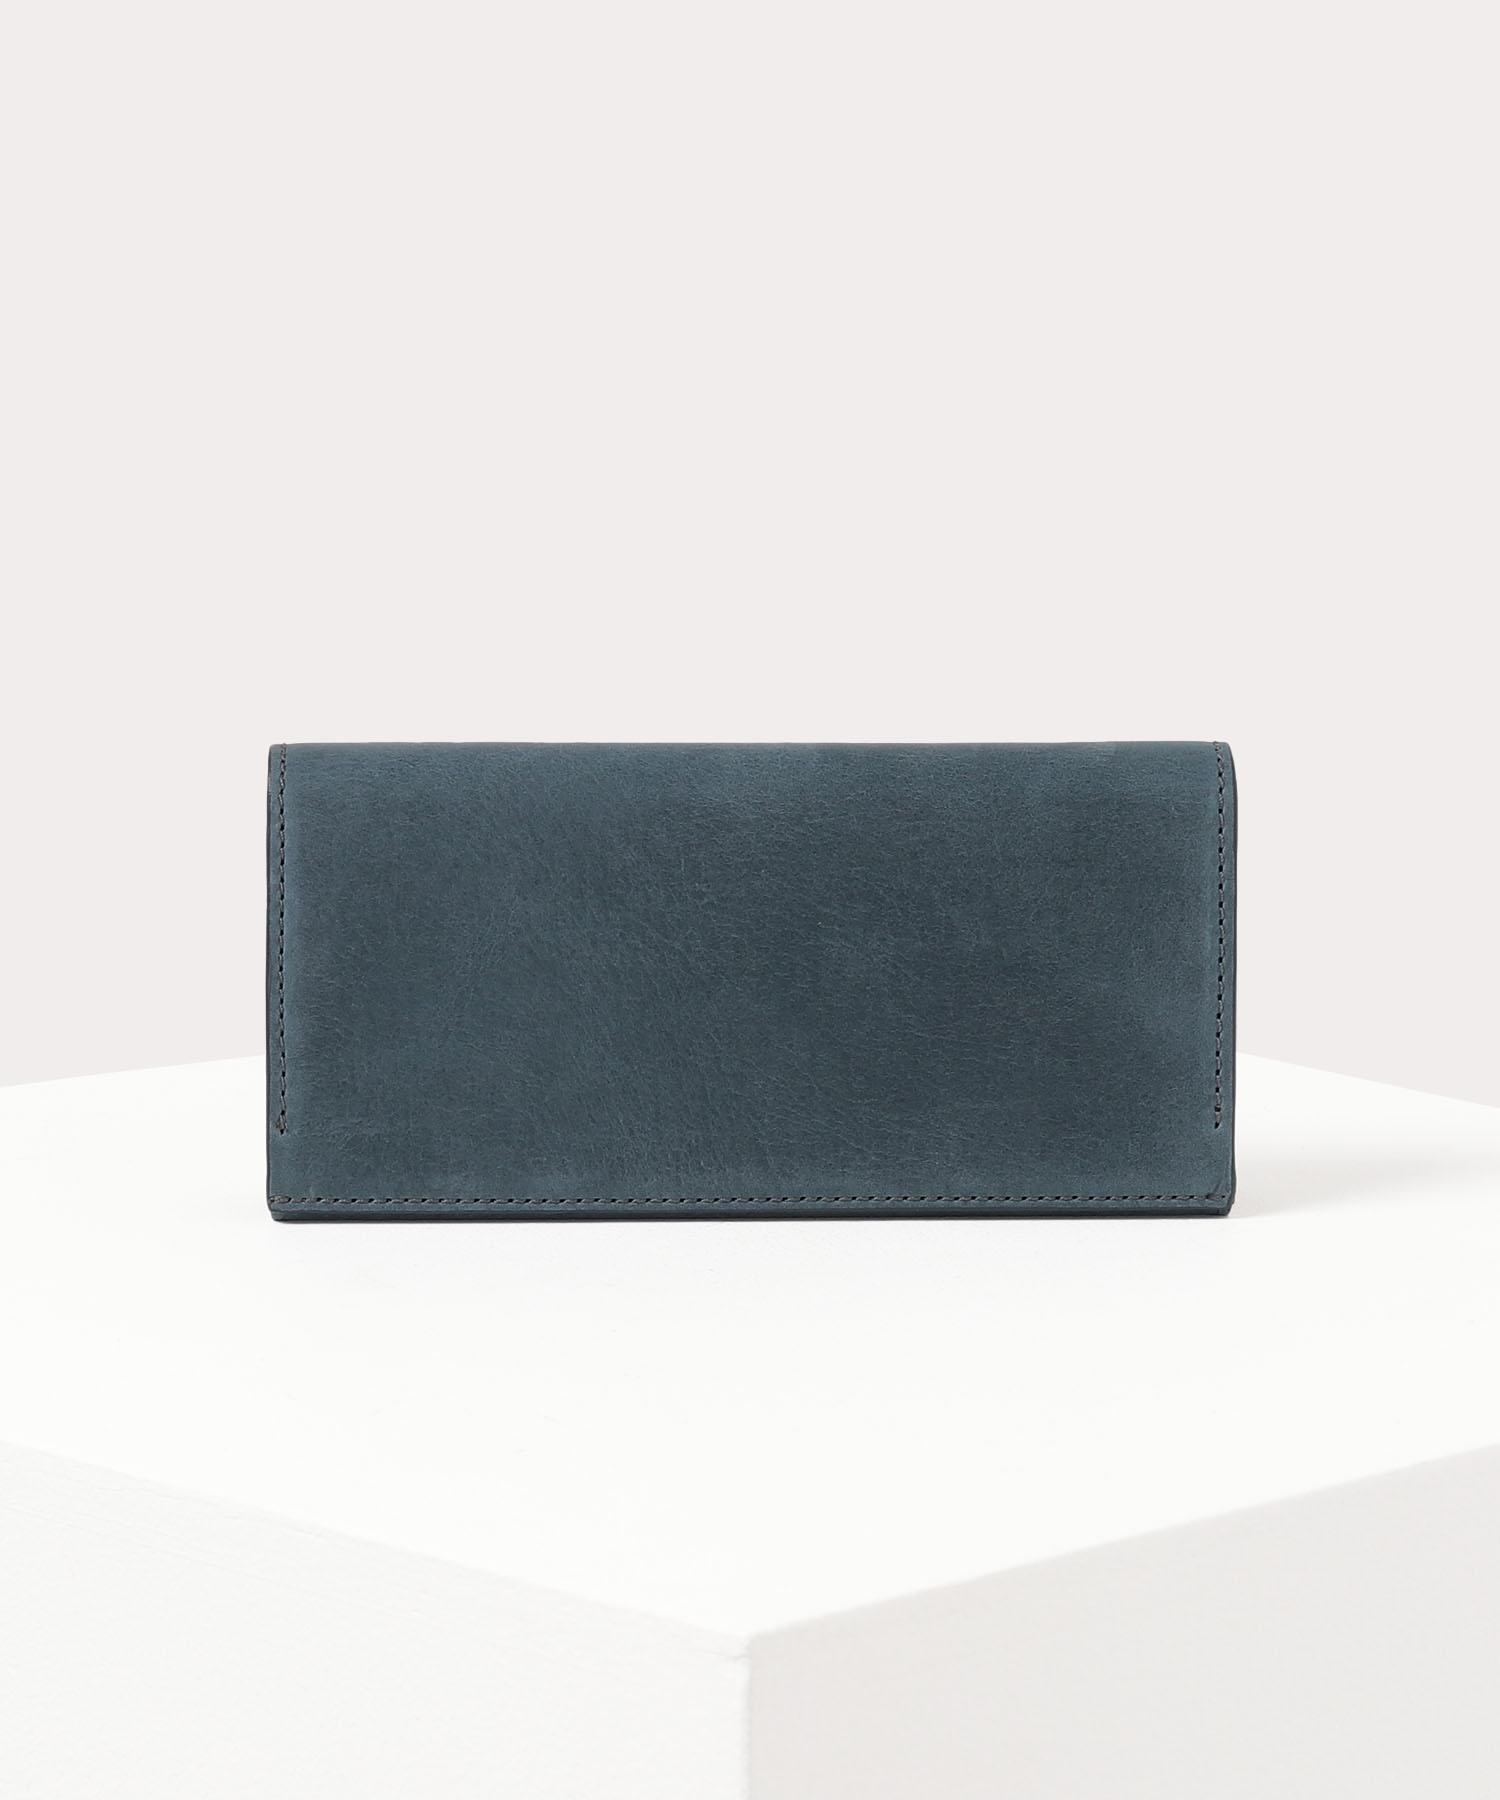 オンラインショップ限定 ハードプルアップ 長財布